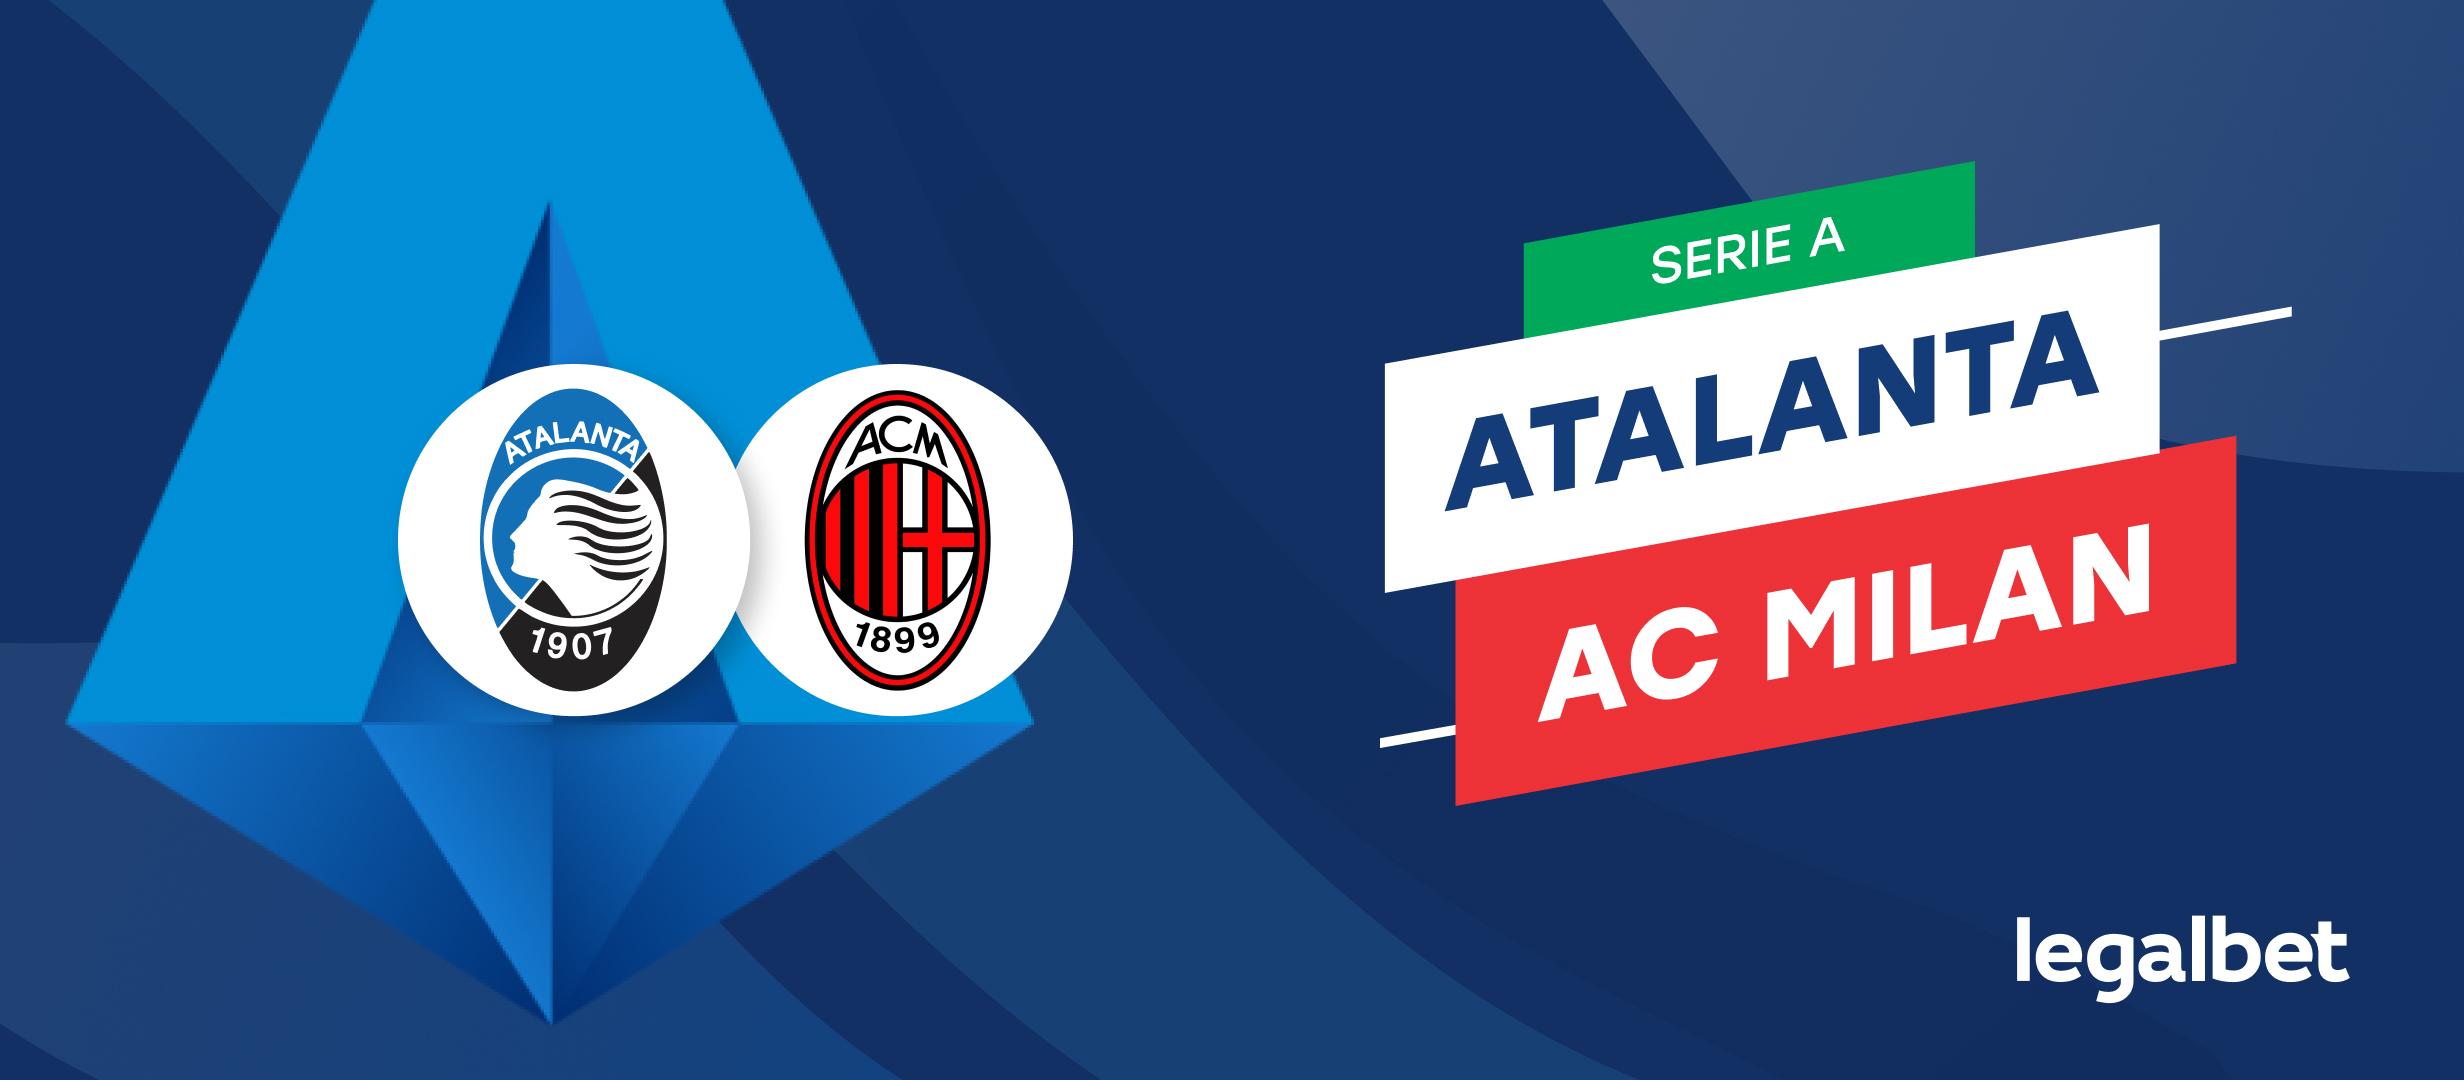 Apuestas y cuotas Atalanta - AC Milan, Serie A 2021/22